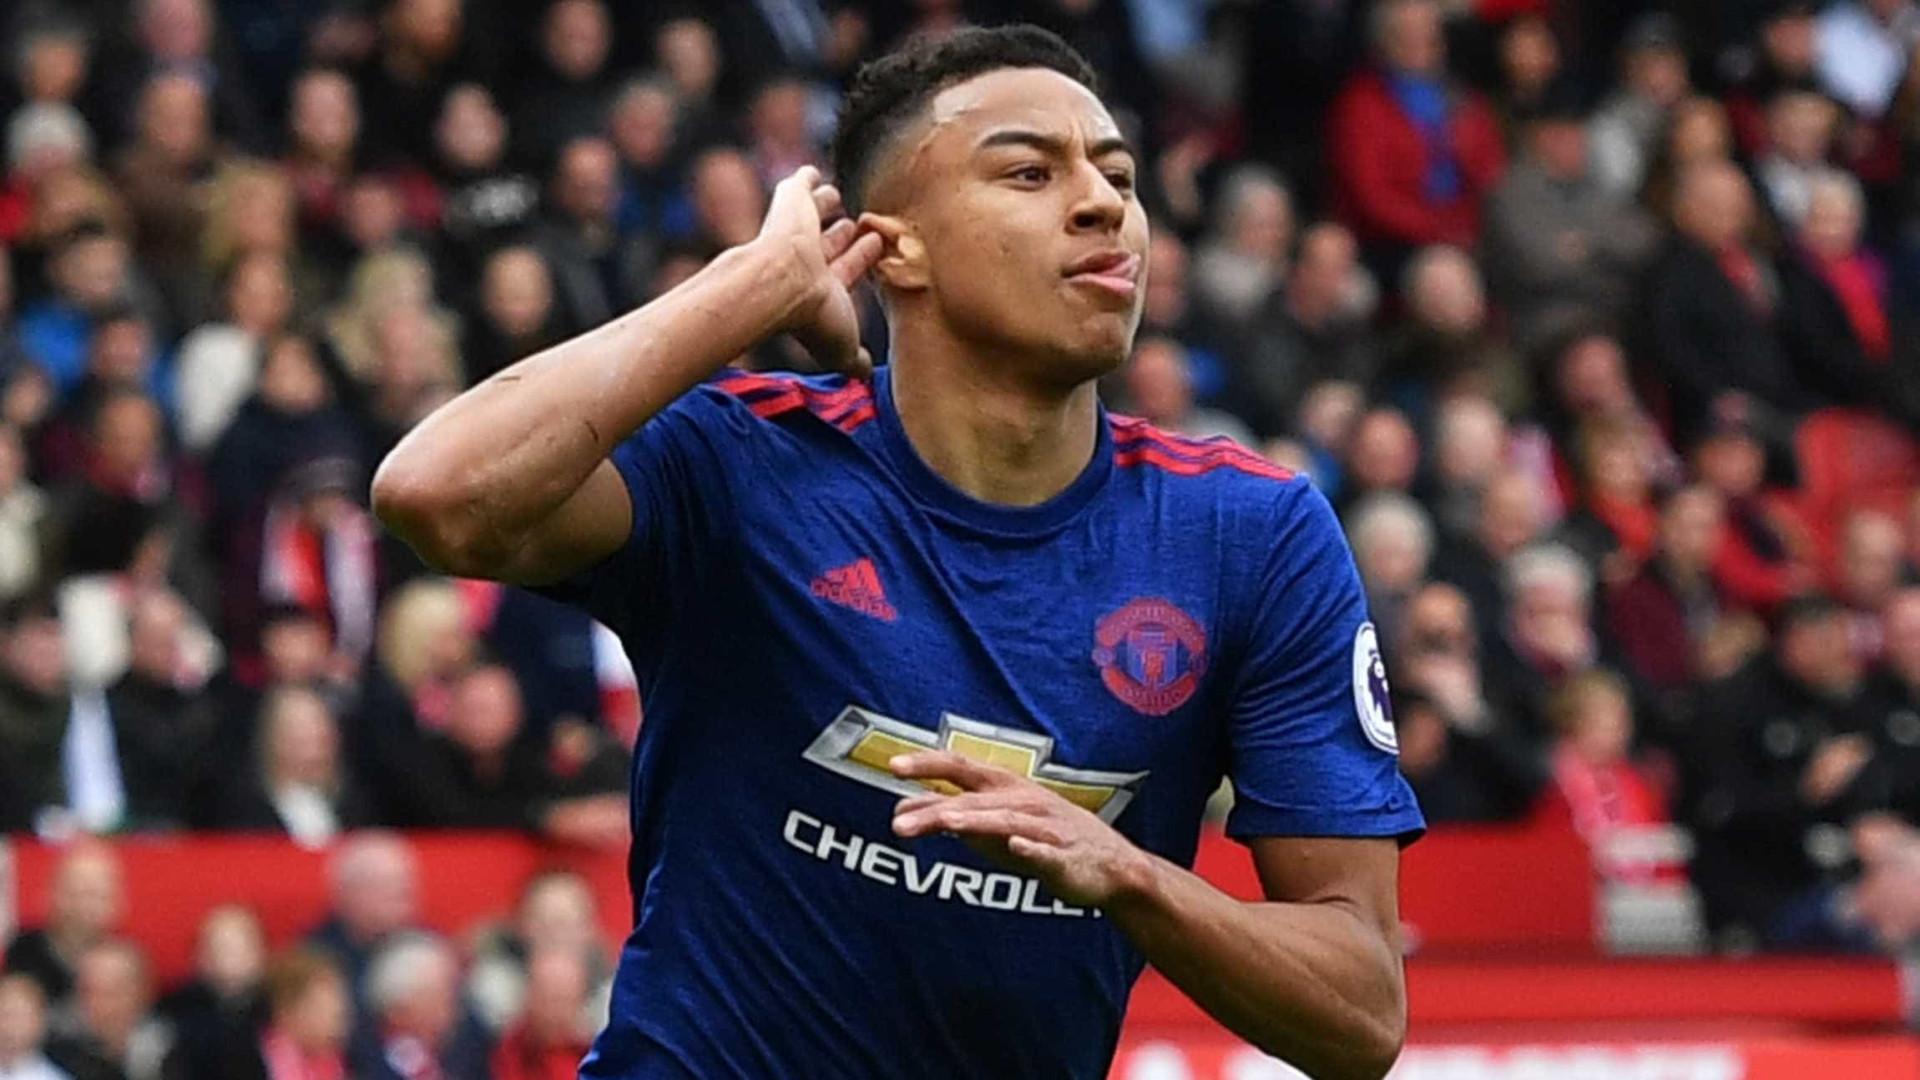 Manchester United vence fora e já 'sonha' com a Champions League